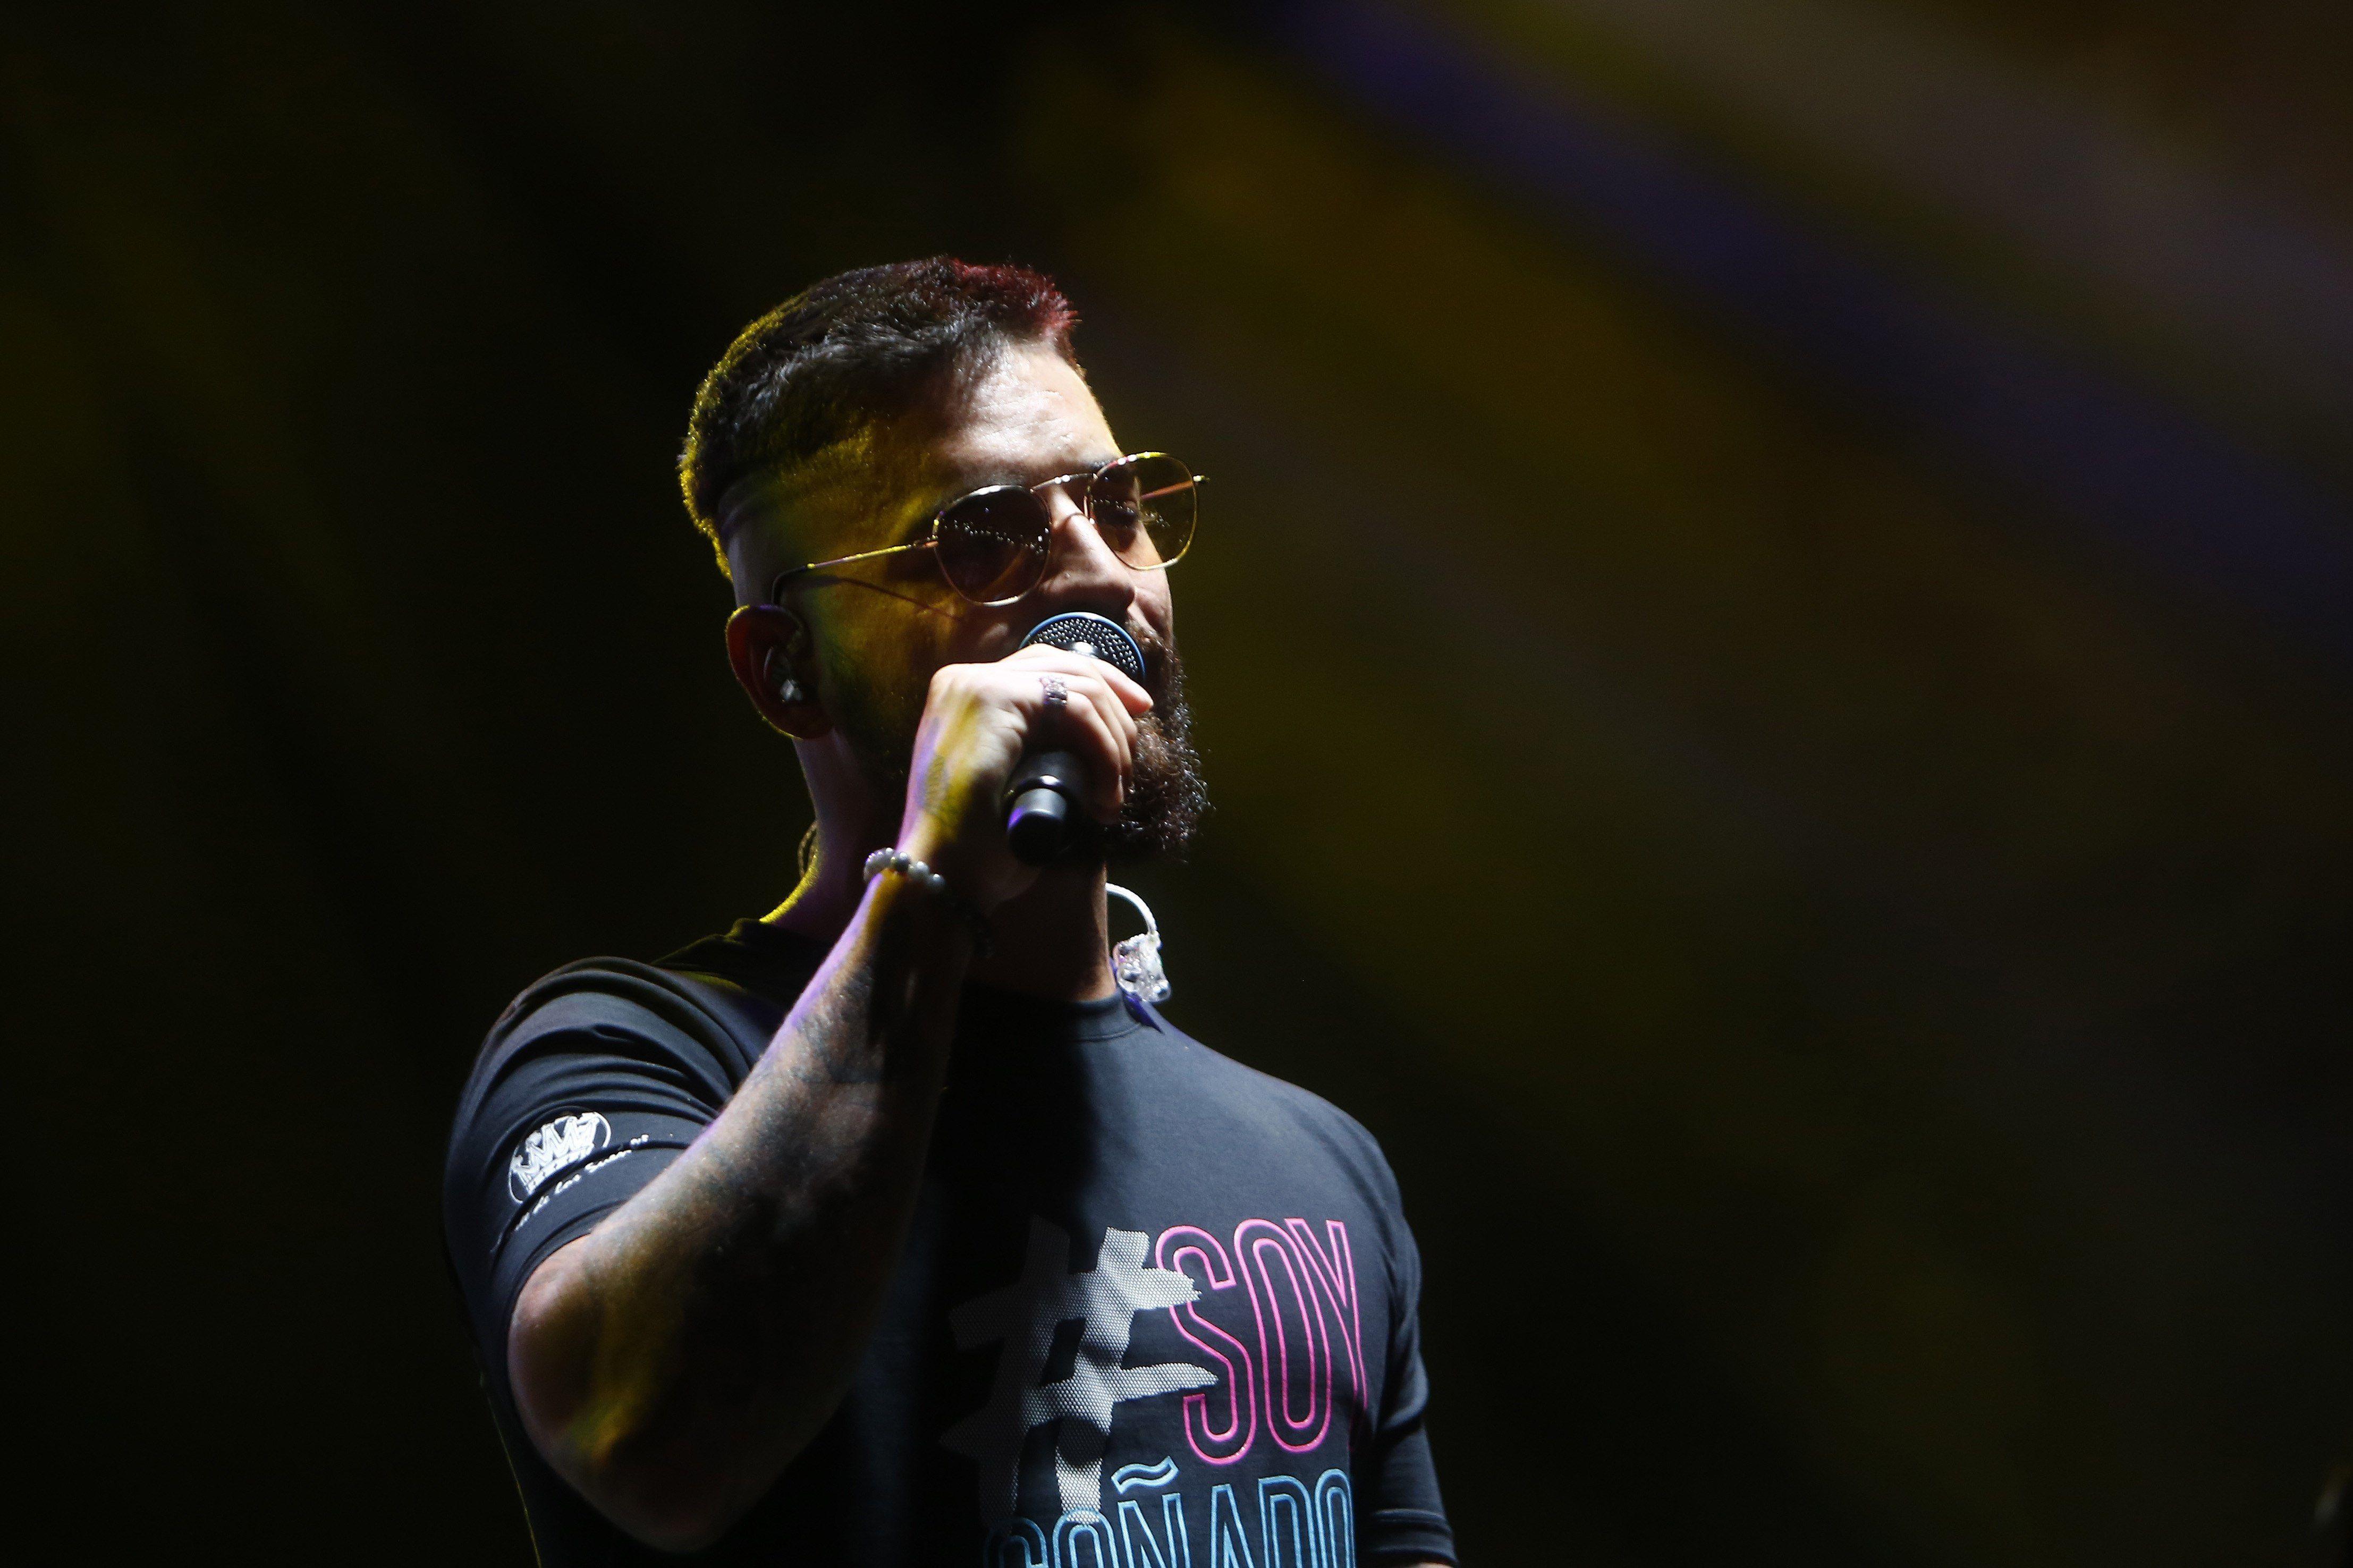 El cantante colombiano Maluma. EFE/ Luis Eduardo Noriega/Archivo